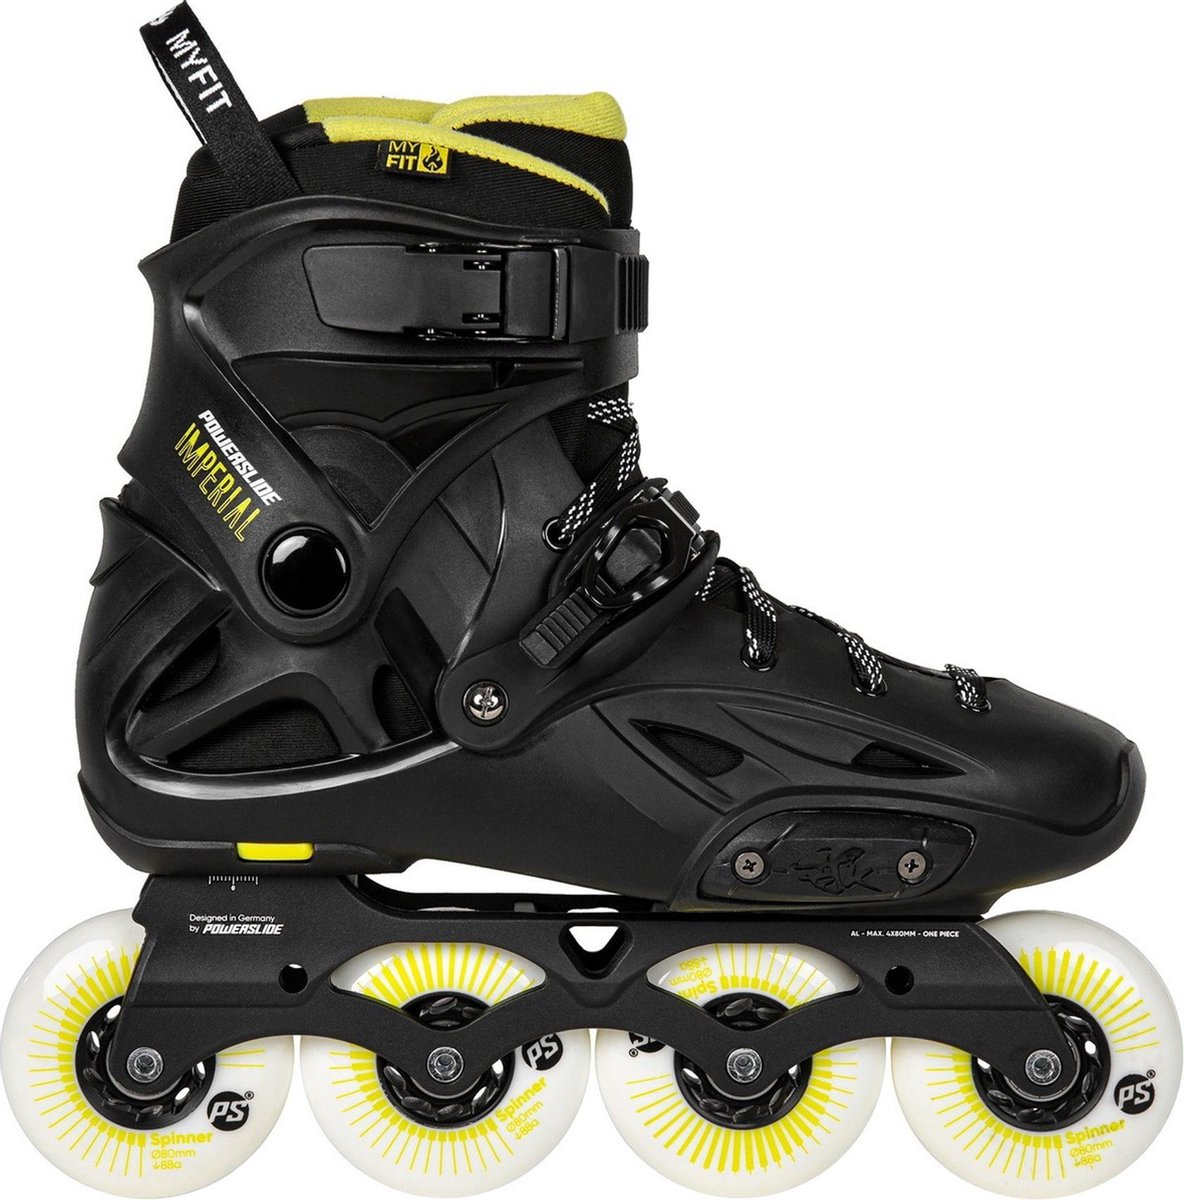 Powerslide Urban Imperial Skates Inlineskates - Maat 45/46 - Unisex - zwart/geel